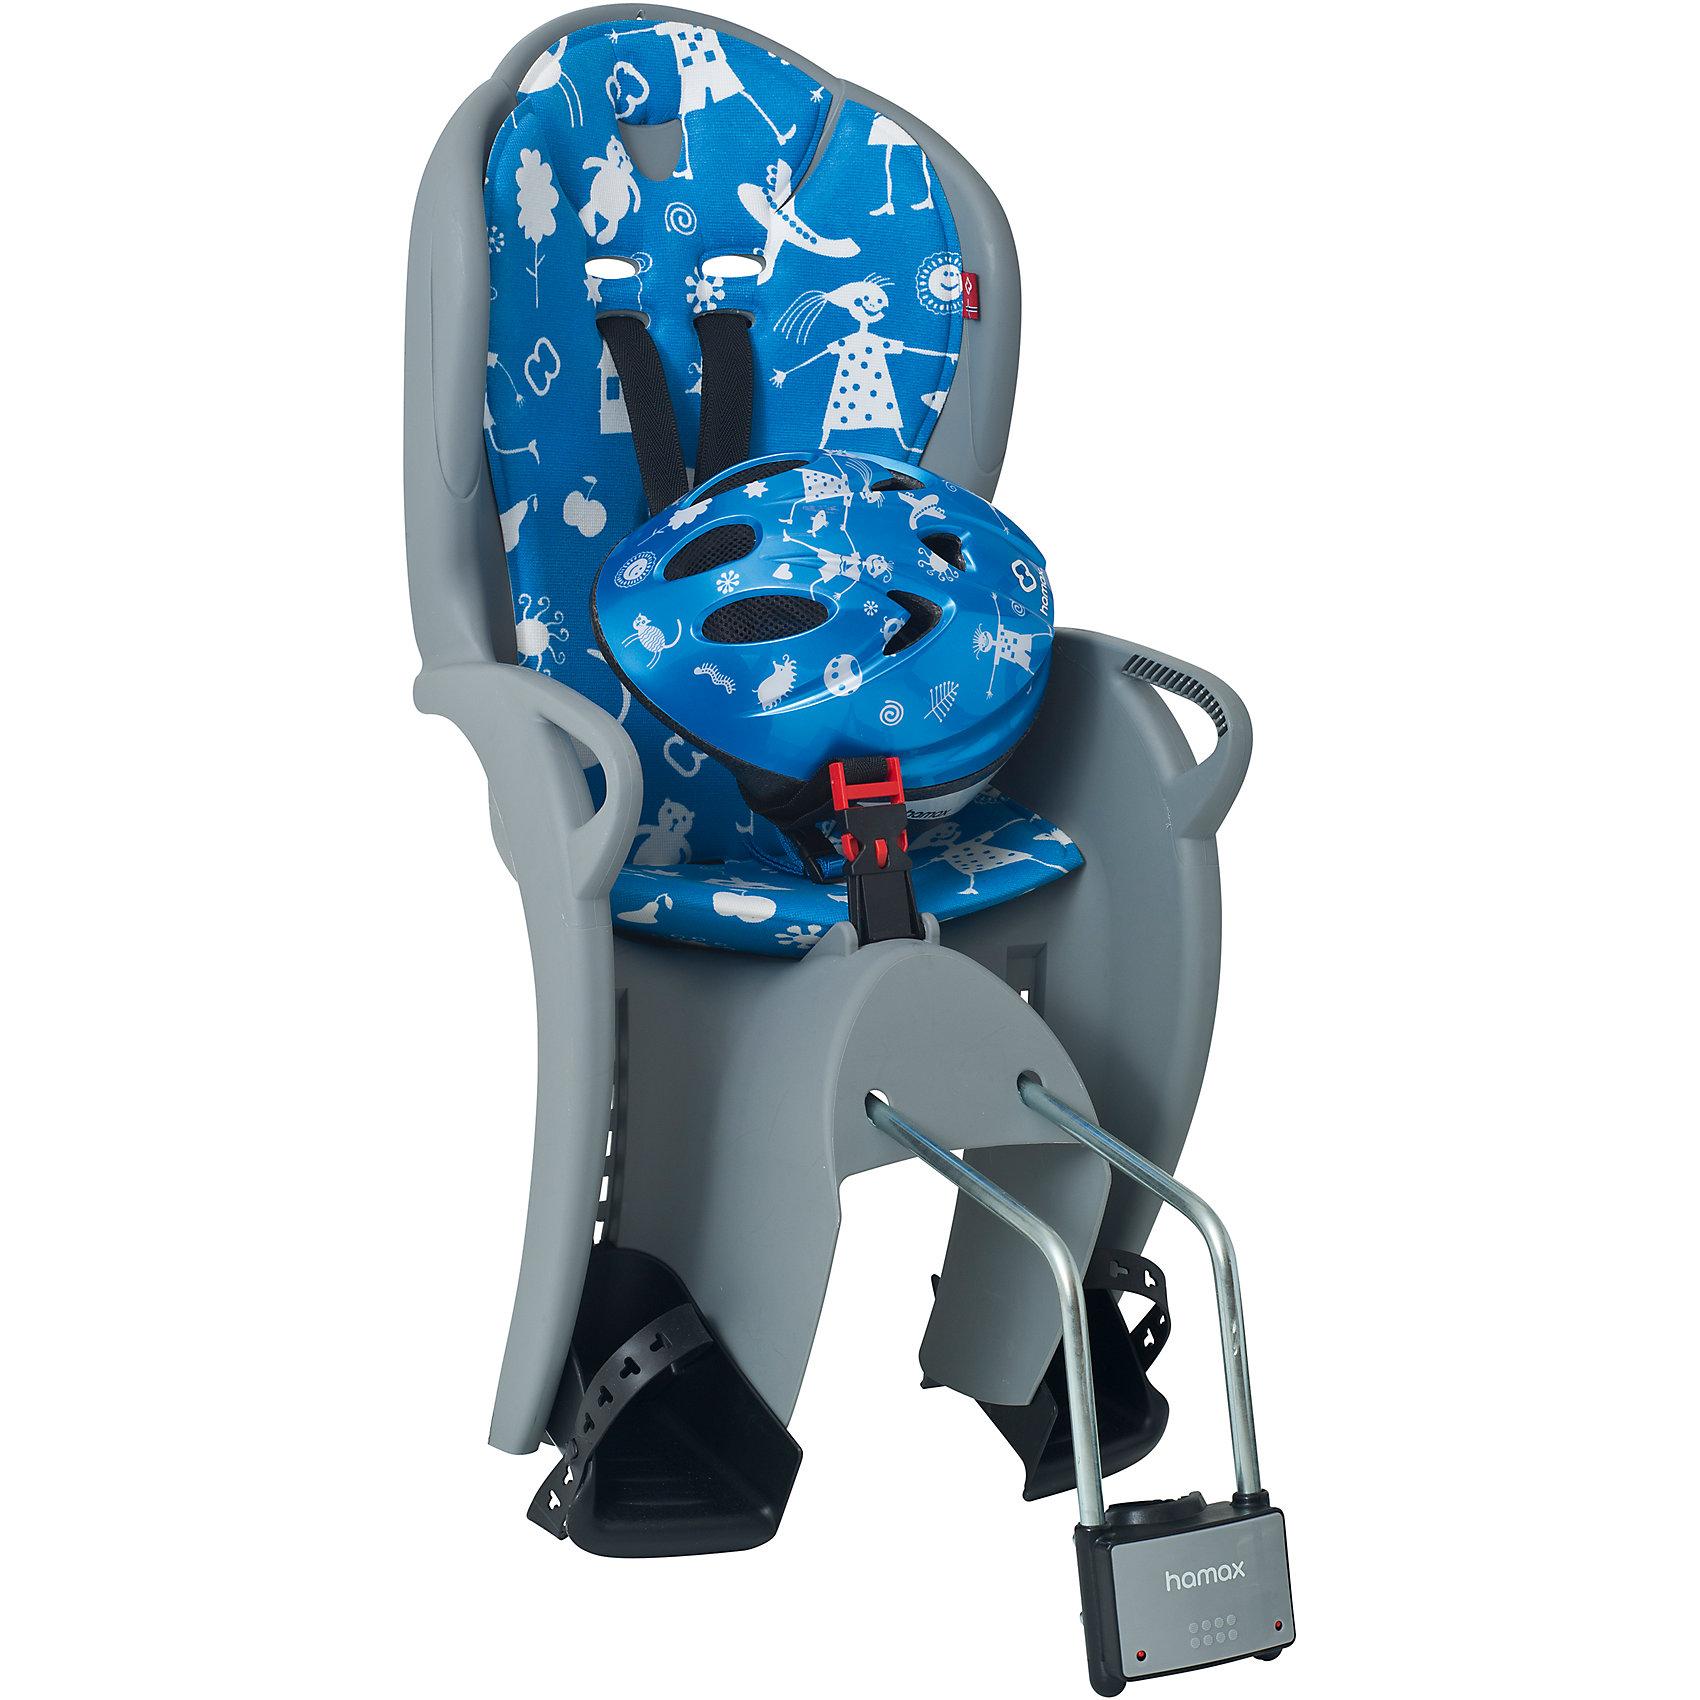 Детское велокресло Kiss Safety Package, Hamax, серый/синийАксеcсуары для велосипедов<br>Характеристики товара:<br><br>• цвет: серый, синий<br>• комплект: велокресло, шлем (р48-52 см)<br>• конструкция пряжек ремней безопасности/фиксации для предотвращения <br>саморастегивания<br>• возможность установить на любом велосипеде как с багажником, так и без<br>• возраст: старше 9 месяцев и весом до 22 кг.<br>• регулируемый ремень безопасности и подножки.<br>• несущие дуги крепления велокресла обеспечивают отличную амортизацию<br>• подходит для подседельных труб рамы диаметром 28-40мм. (круглые и овальные)<br>• система крепления велокресла не мешает тросам переключения передач<br>• велокресло сертифицировано по: T?V / GS EN14344<br>• размеры 39х80х41см<br>• вес: 4,6кг<br>• материал: пластик, текстиль<br>• страна бренда: Польша<br><br>Эргономика велокресла Kiss Safety Package, Hamax расчитанна так что спинка кресла не будет мешать голове ребенка в моменты когда он хочет откинуться назад кресла в шлеме.<br><br>Механизмы регулировки застежек позволяют комфортно отрегулировать их вместе с ростом ребенка.<br><br>Все детские велосиденья Hamax  растут вместе с ребенком!  Регулируются и ремень безопасности и подножки.<br><br>Приобретая дополнительный кронштейн, вы можете легко переставлять детское сиденье с одного велосипеда на другой. <br><br>Hamax рекомендует, что ребенок должен всегда носить шлем при использовании детского сиденья.<br><br>Детское велокресло Kiss Safety Package, Hamax, серый/синий можно купить в нашем интернет-магазине.<br><br>Ширина мм: 380<br>Глубина мм: 790<br>Высота мм: 350<br>Вес г: 3700<br>Возраст от месяцев: 9<br>Возраст до месяцев: 48<br>Пол: Унисекс<br>Возраст: Детский<br>SKU: 5582634